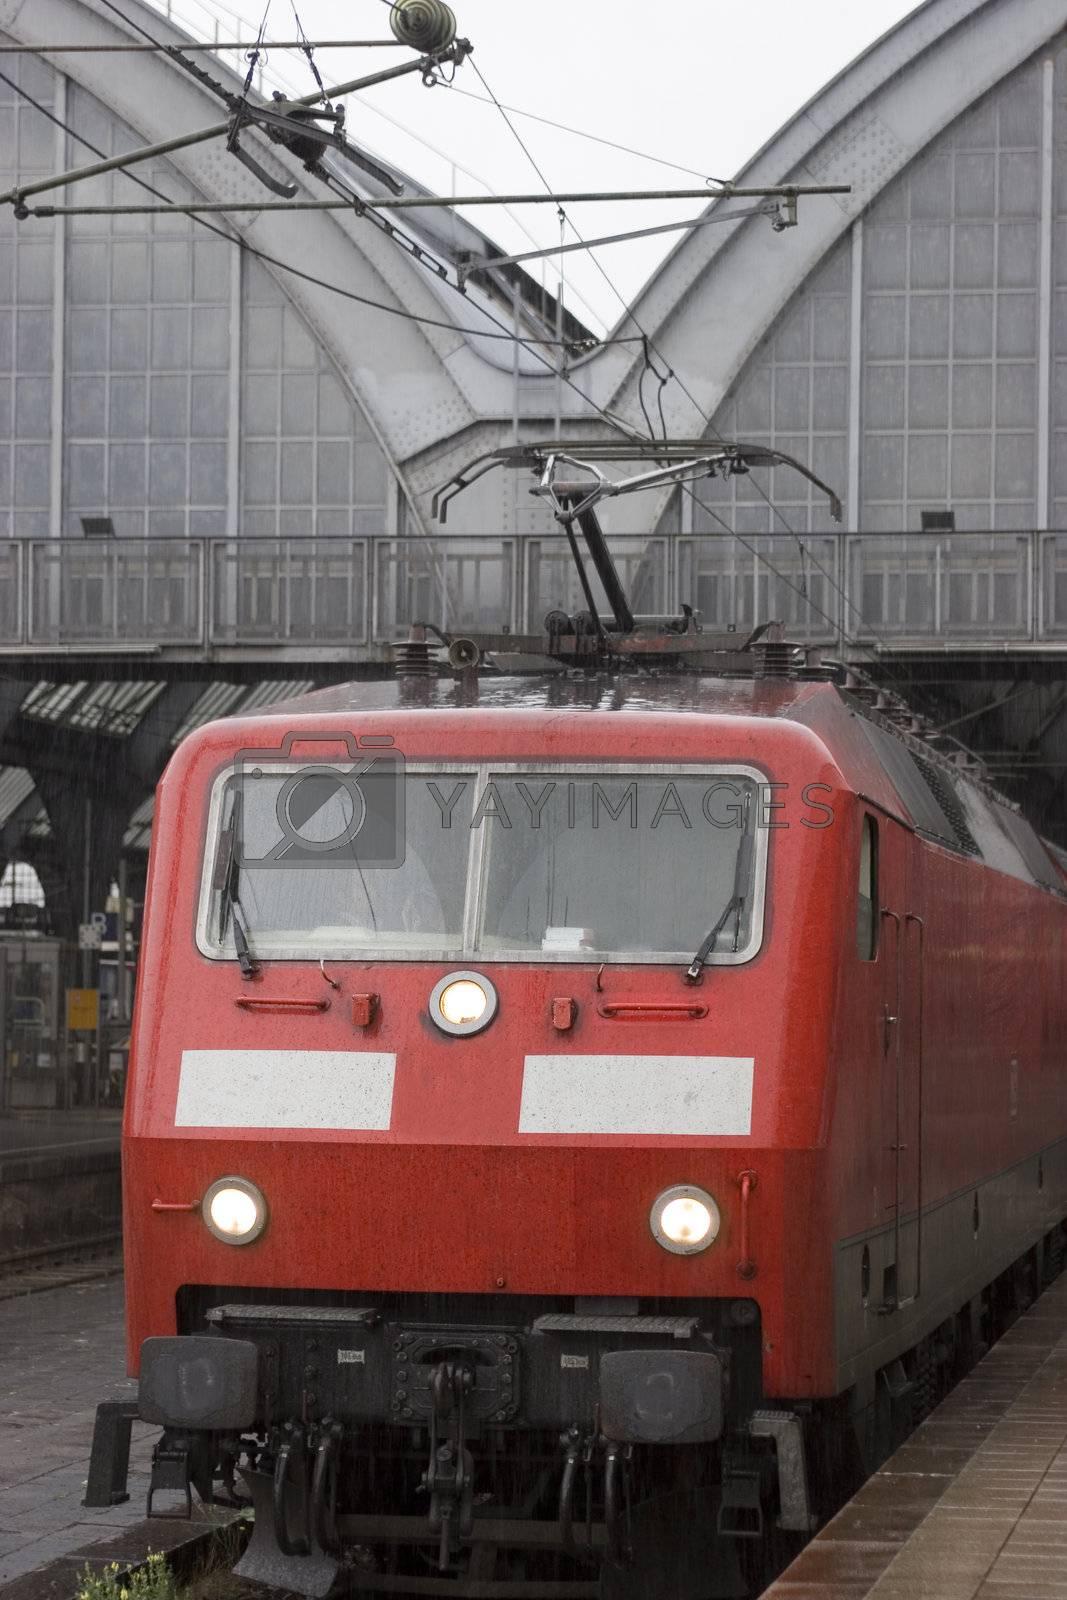 Zug vor der Abfahrt im Bahnhof